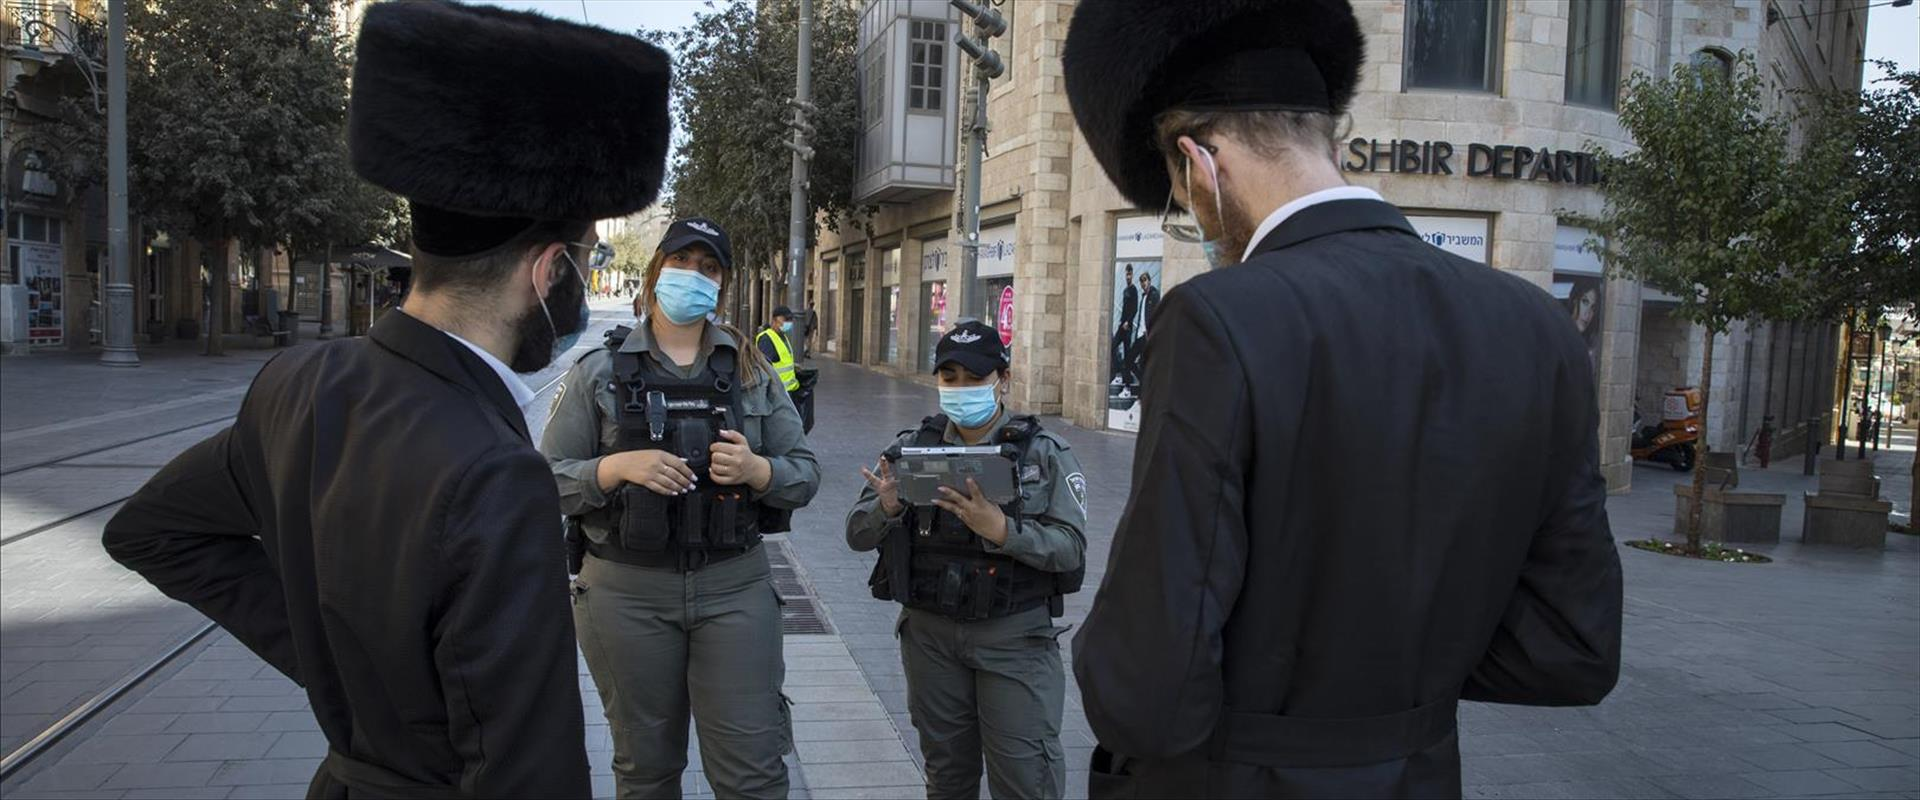 אכיפה בתל אביב